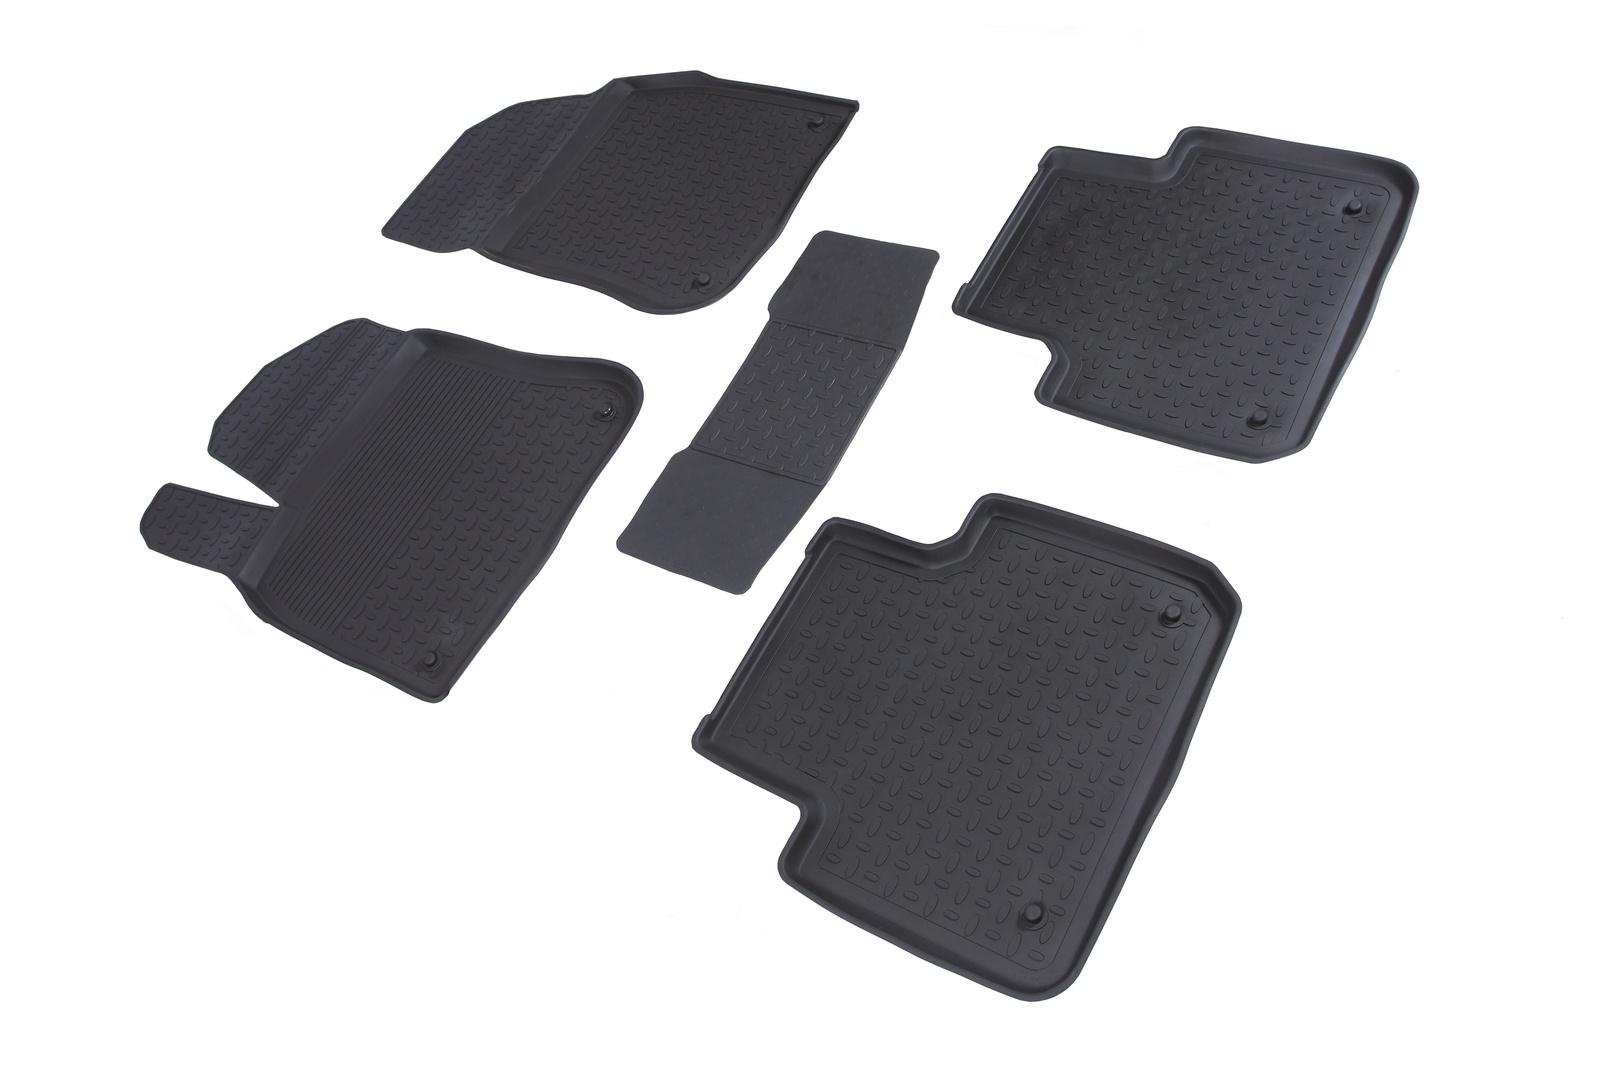 Коврики в салон автомобиля Seintex Резиновые коврики с высоким бортом для Lexus NX (кроме версий с гибридным двигателем) 2014-н.в. цена 2017